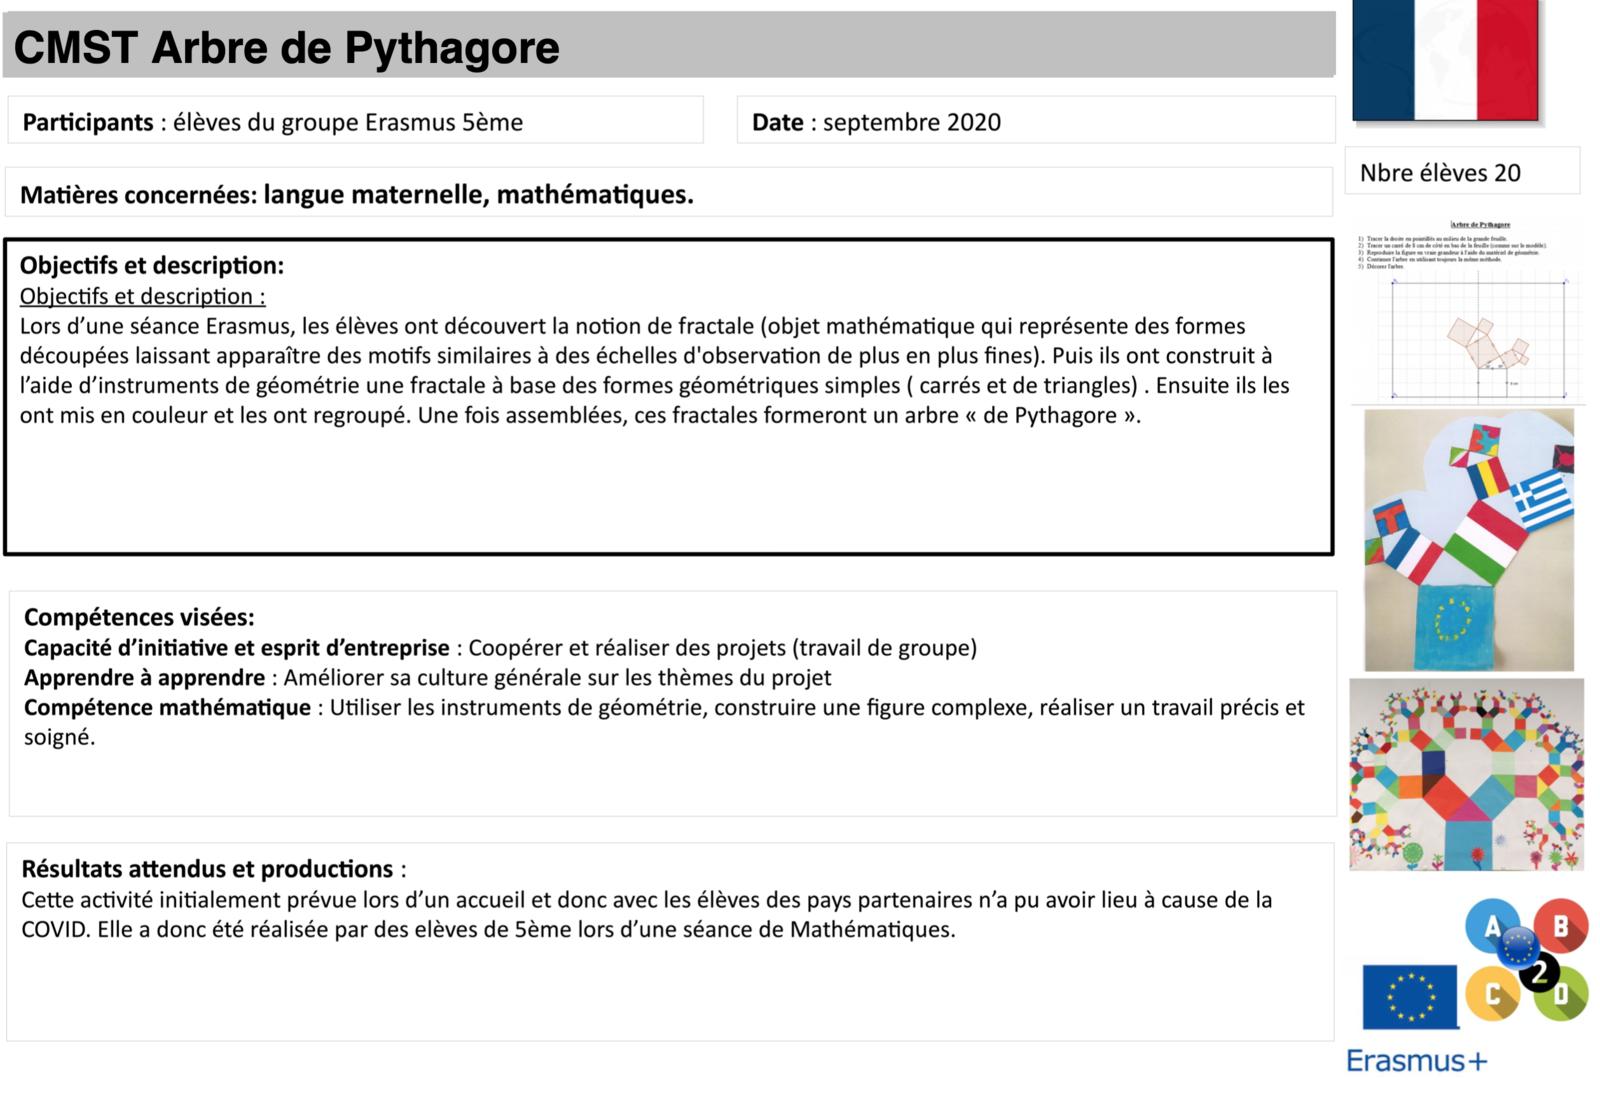 CMST Arbre de Pythagore